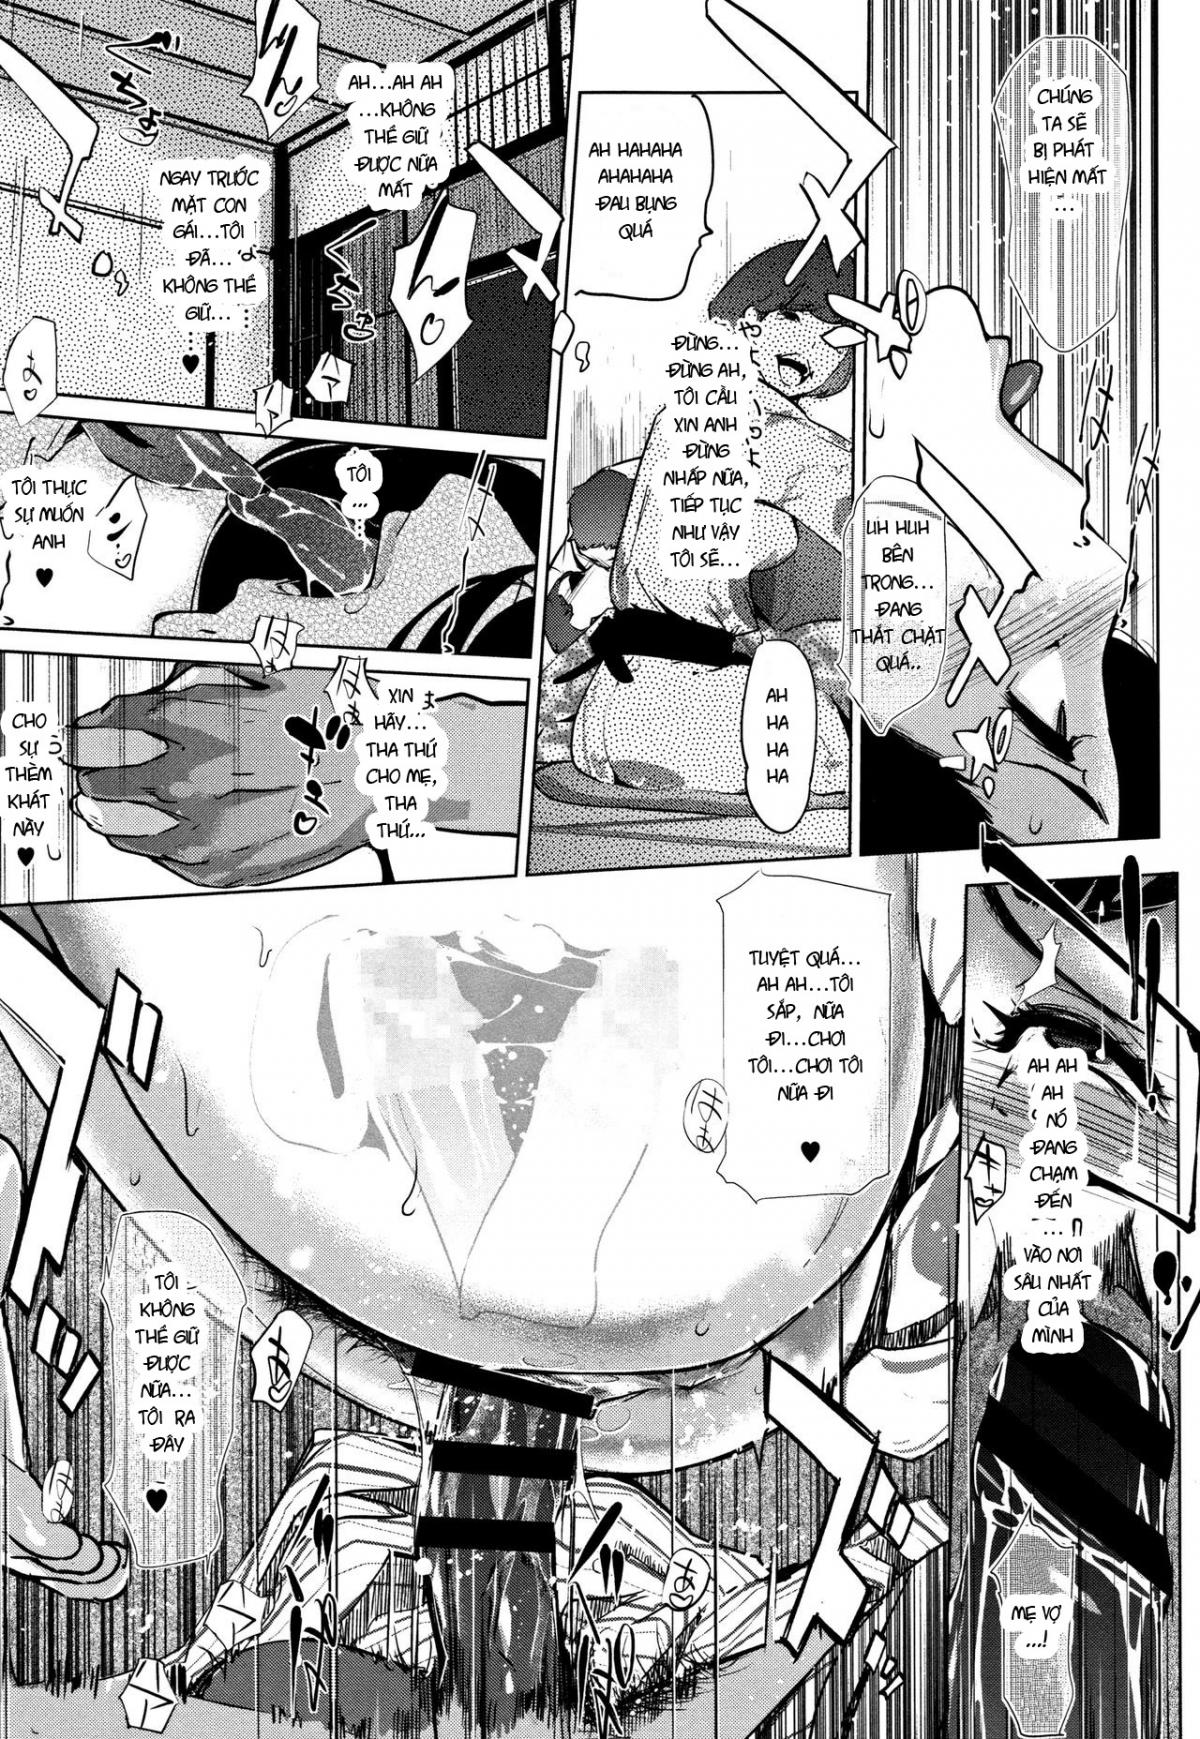 HentaiVN.net - Ảnh 19 - Shinjuiro no Zanzou - Pearl Grey Afterimage; Shinjuiro No Zanzou ~Kazoku Ga Neshizumatta Ato De~ - Chap 4